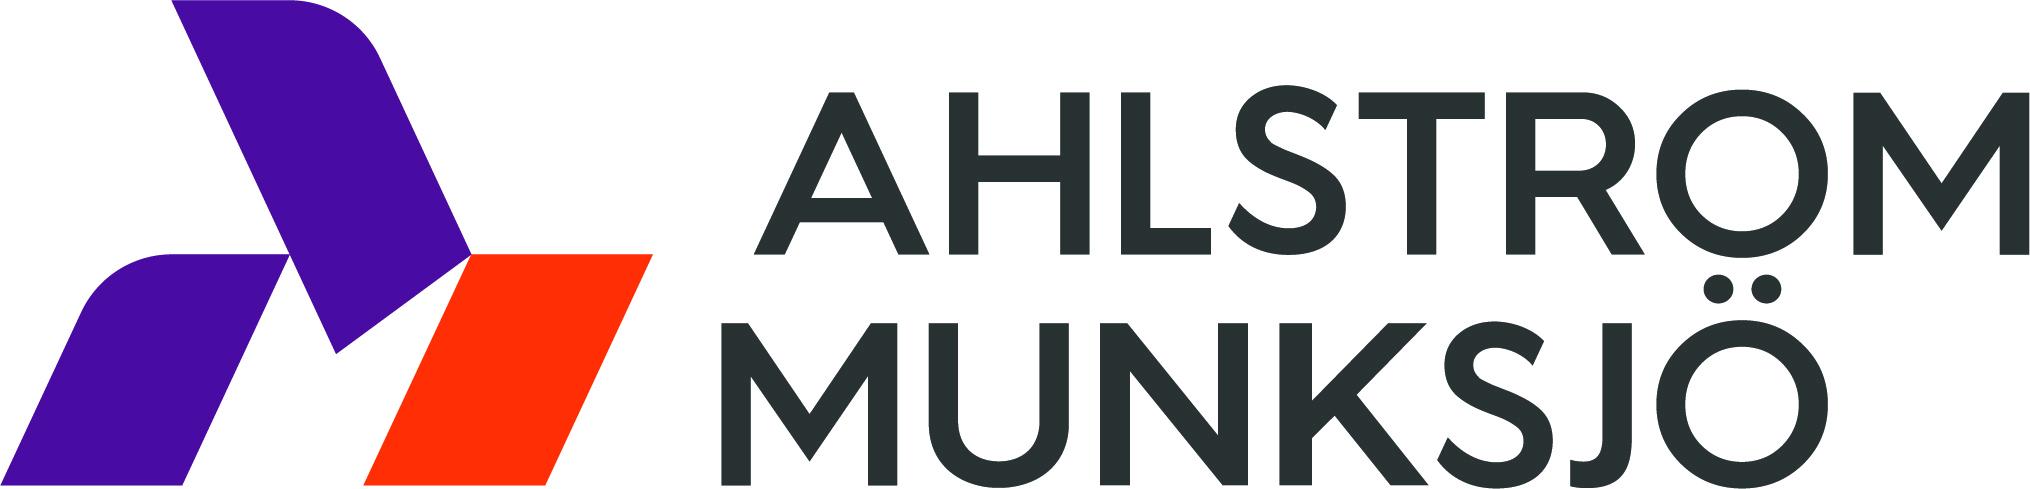 Ahlstrom Munksjo Logo Primary Cmyk